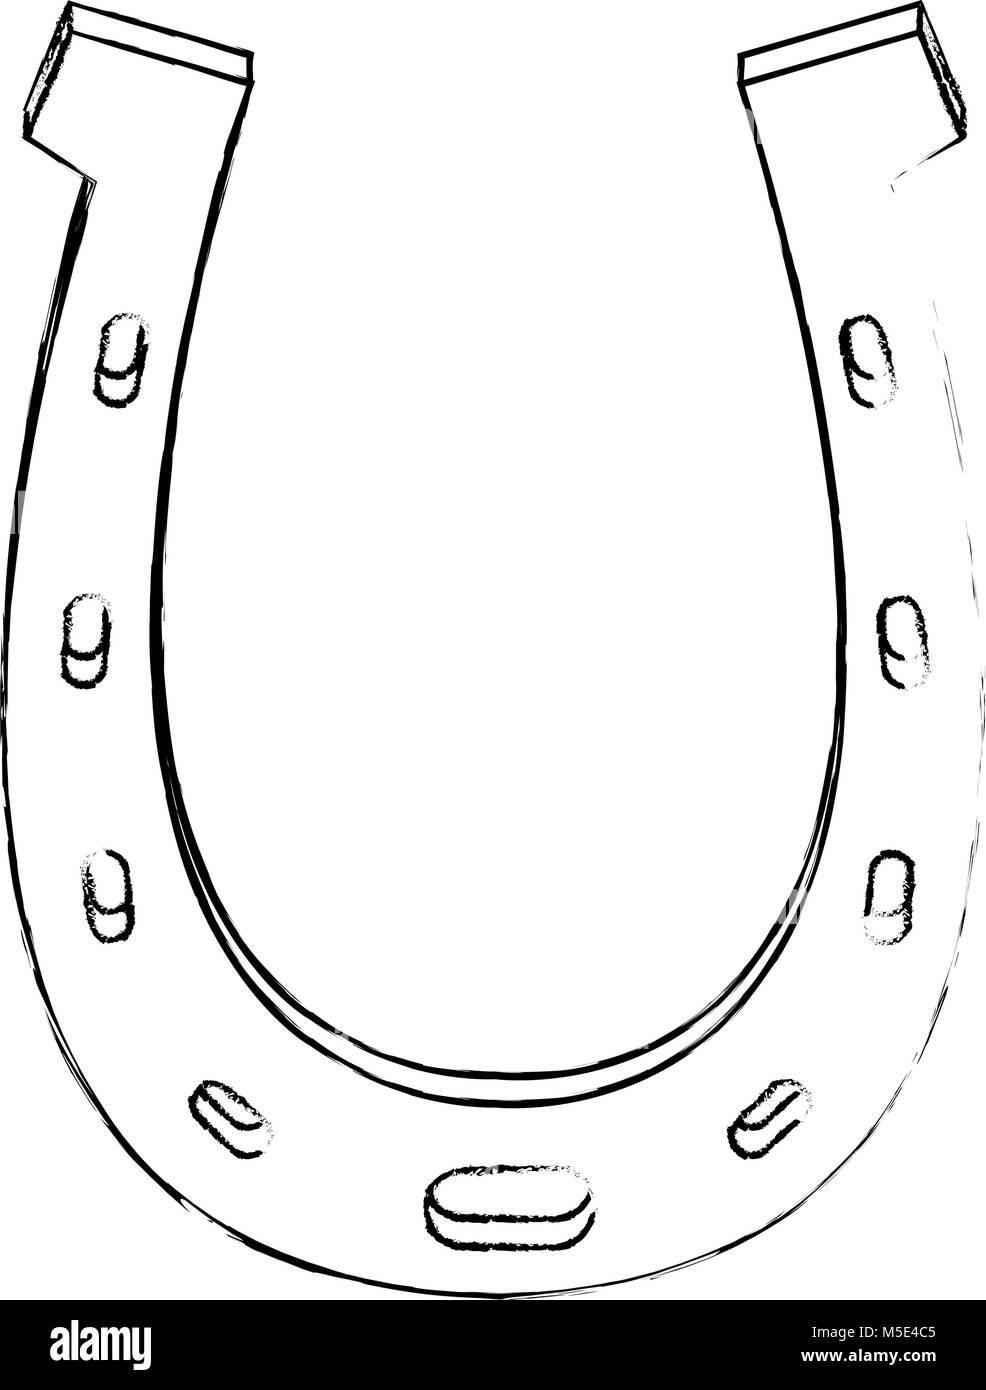 Horseshoe lucky symbol - Stock Image